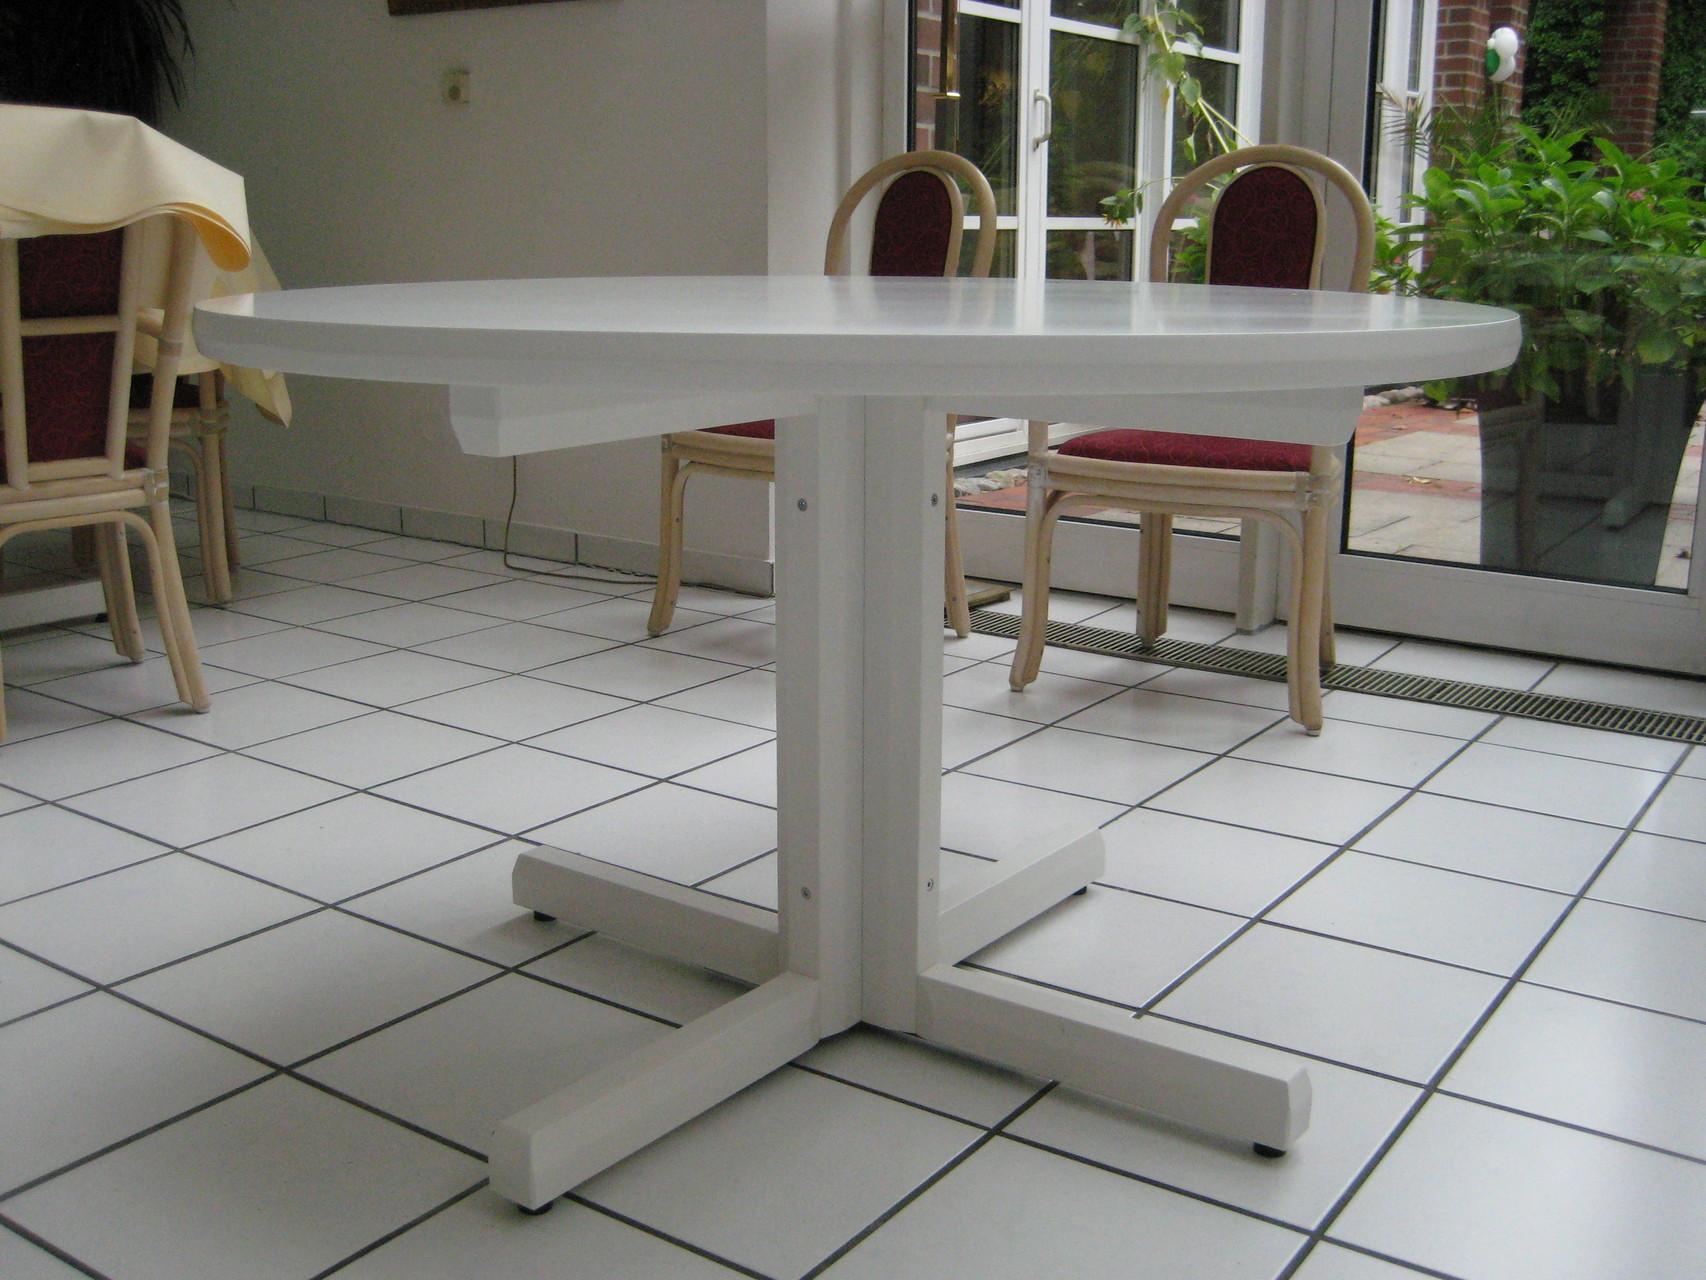 Oberfläche Platte mdf-weiß lackiert, Gestell in whitewood-weiß lackiert